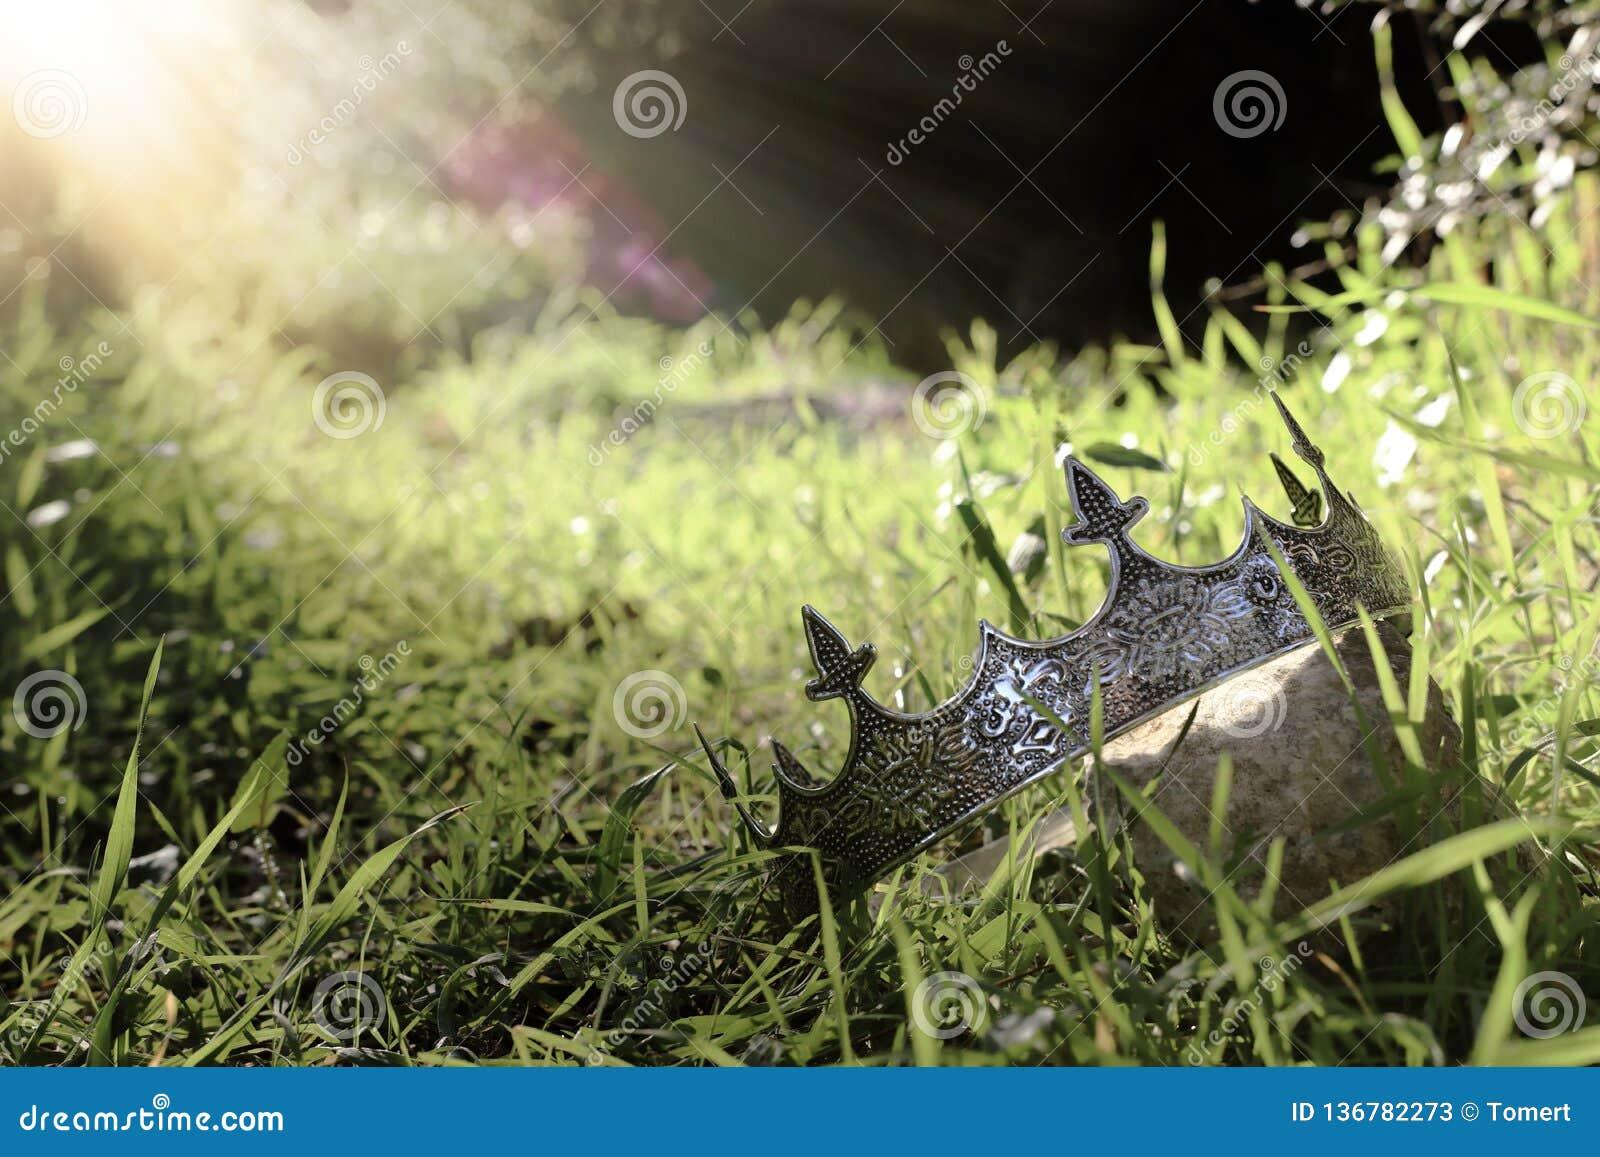 загадочное и волшебное фото кроны короля над камнем в ландшафте древесин или поля Англии со светлым пирофакелом средневеково